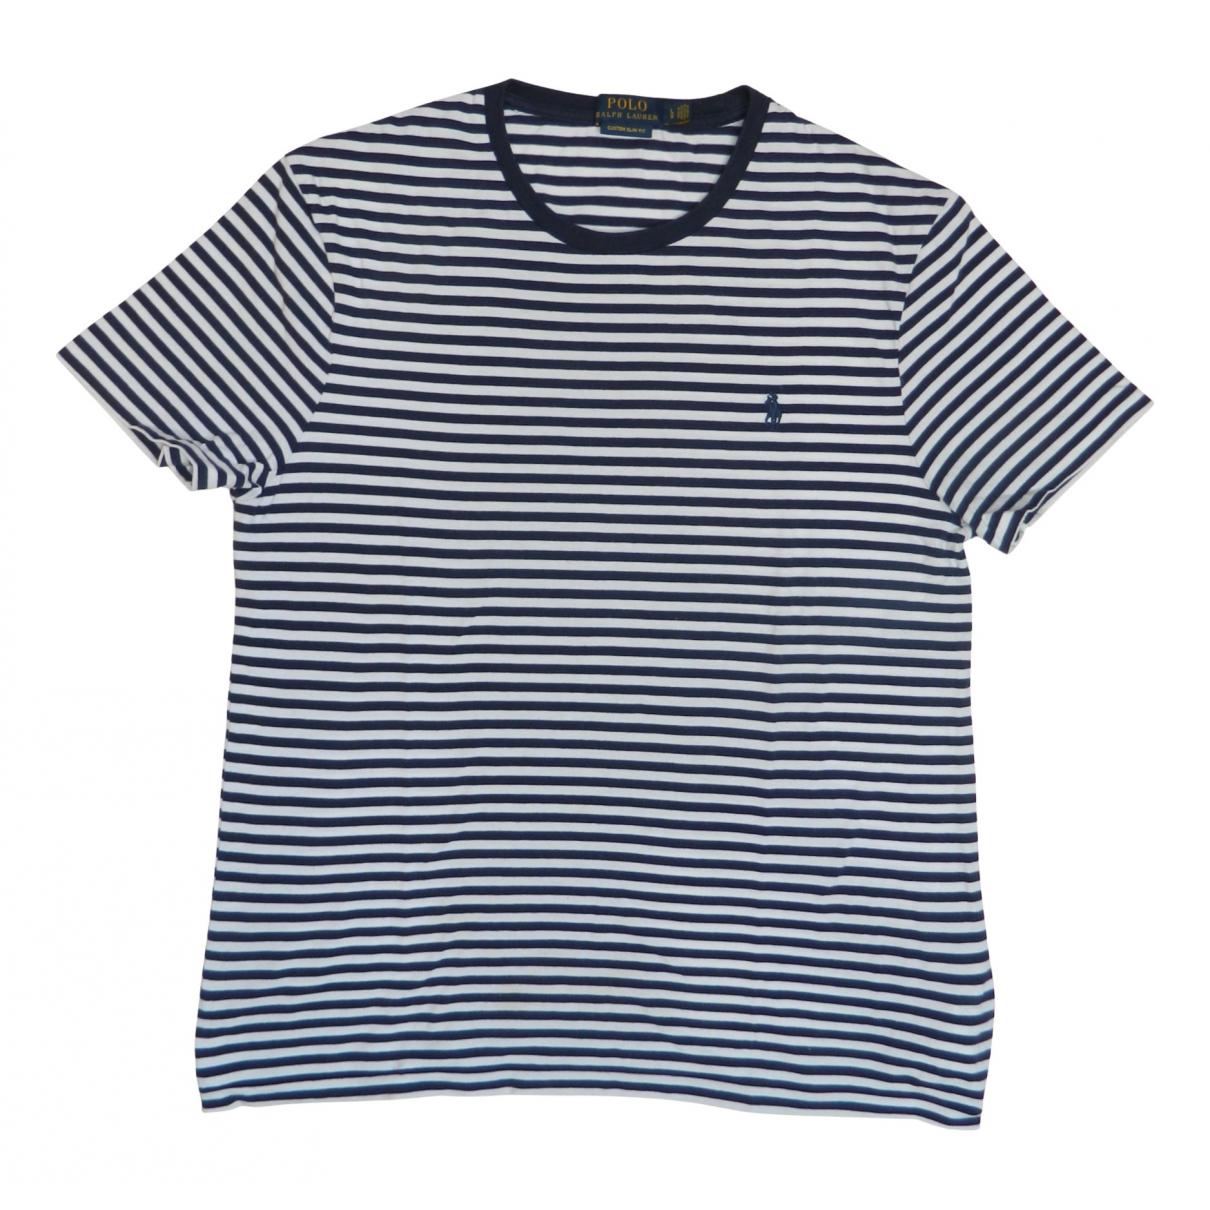 Polo Ralph Lauren - Tee shirts   pour homme en coton - multicolore